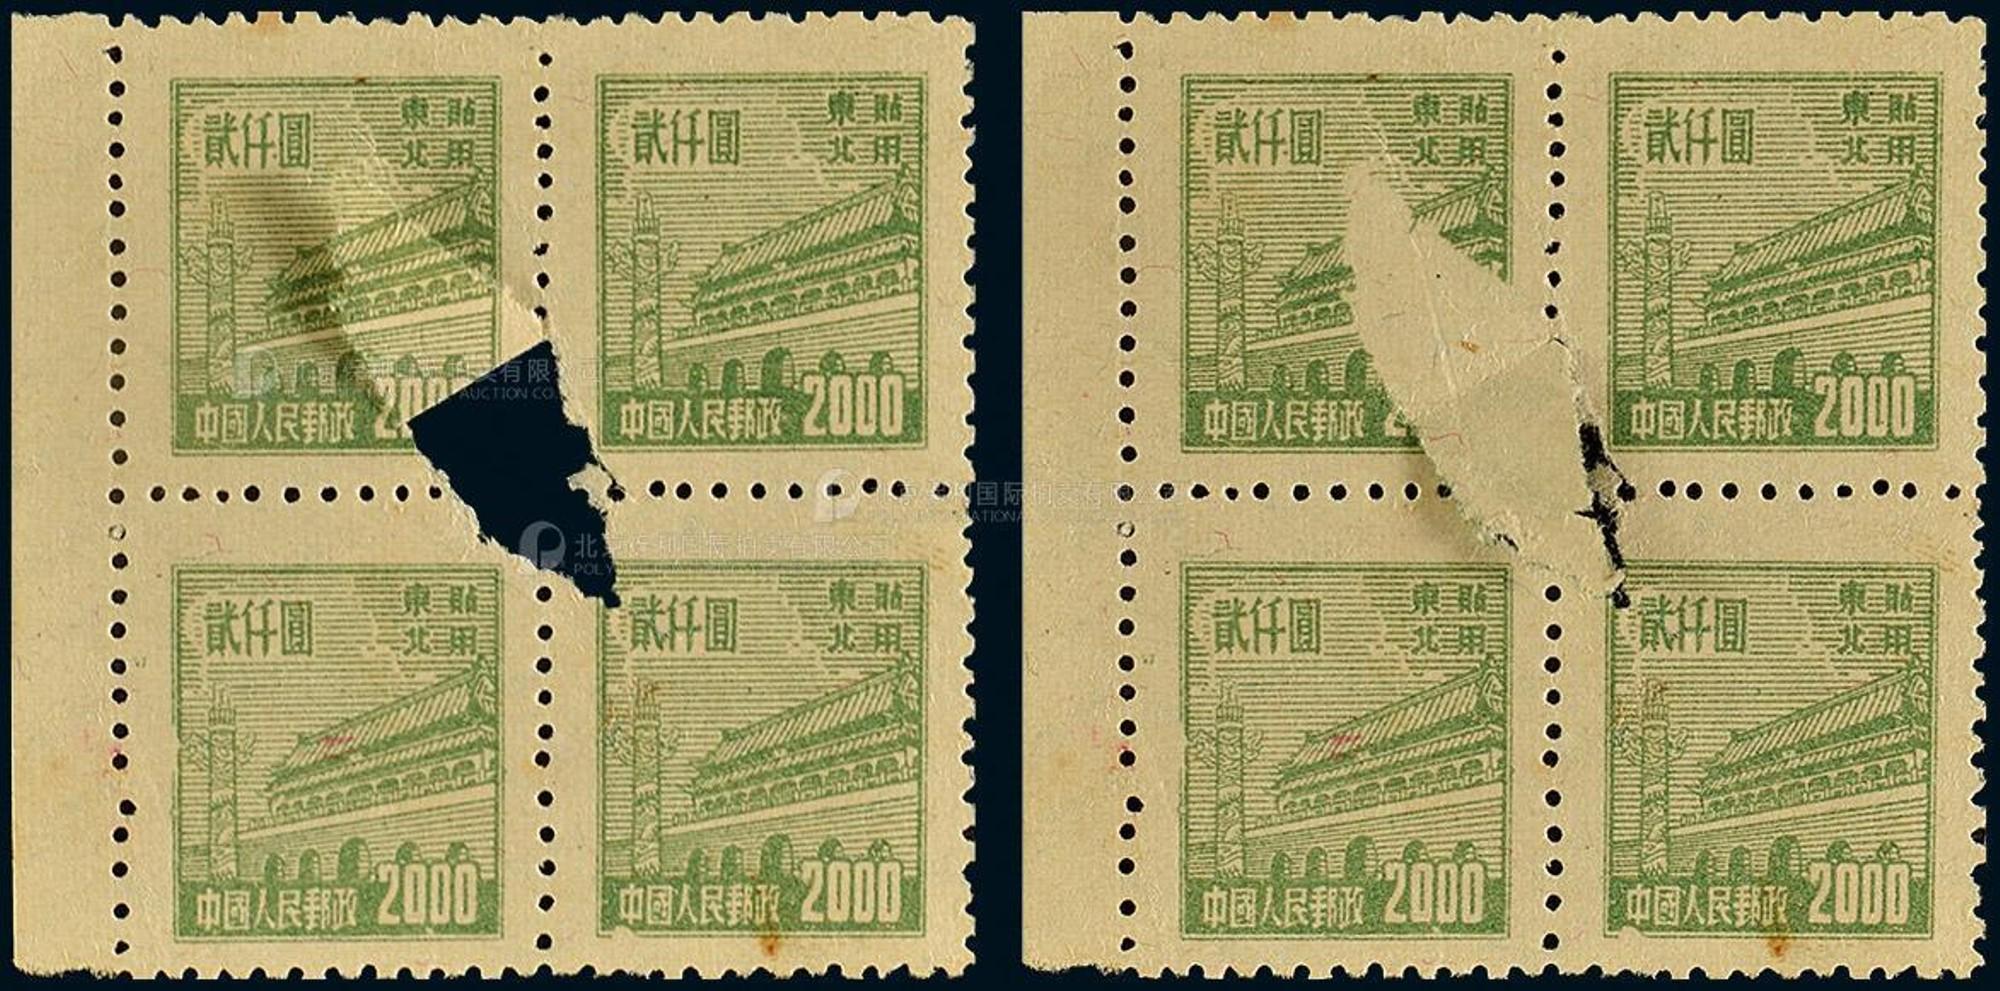 1950年普东2天安门2000元新票四方连